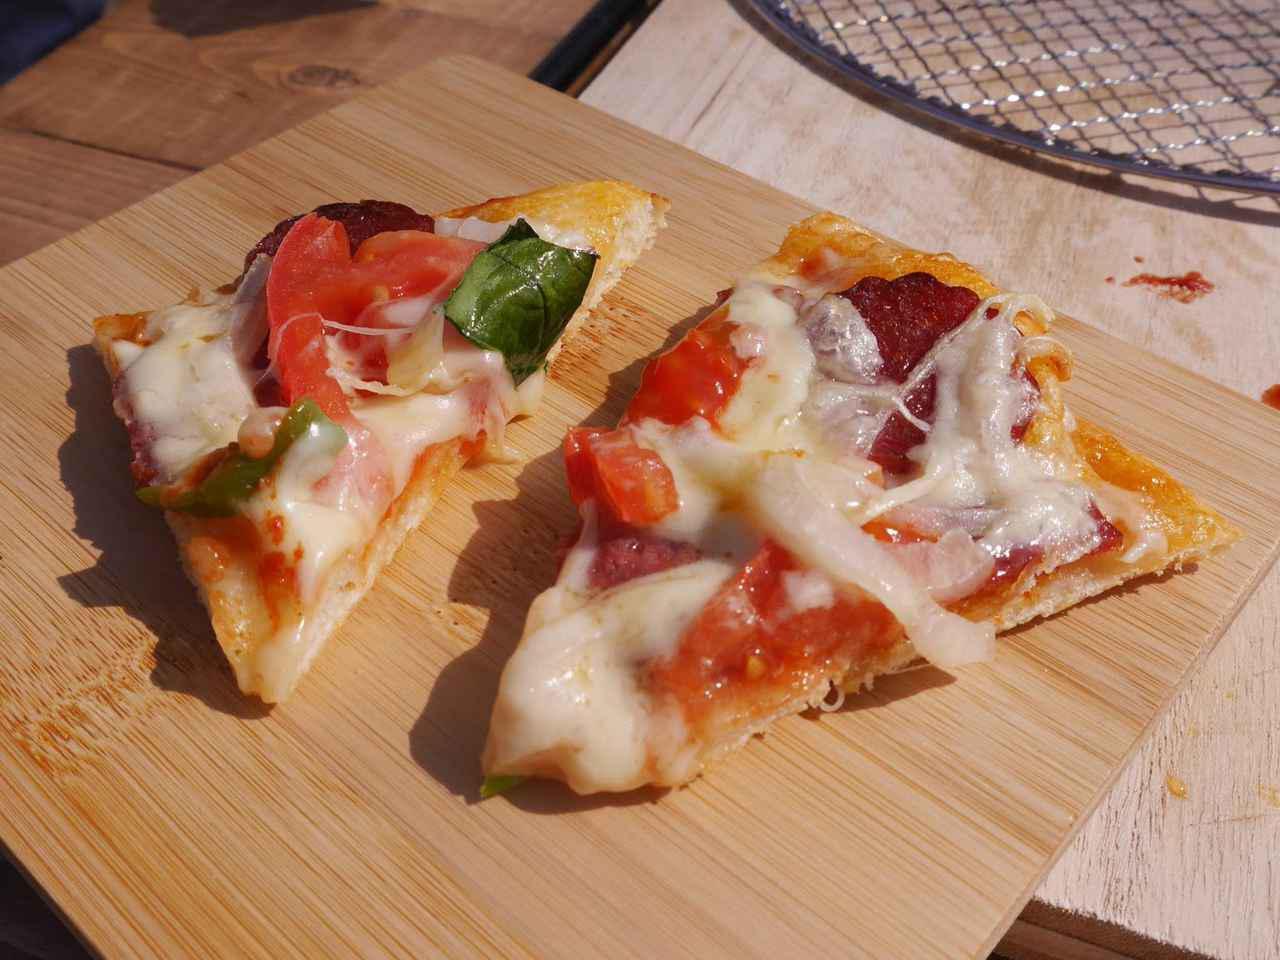 画像: 手作りピザの絶品アレンジレシピ3選! 生地の作り方からおすすめの具材までご紹介 - ハピキャン(HAPPY CAMPER)